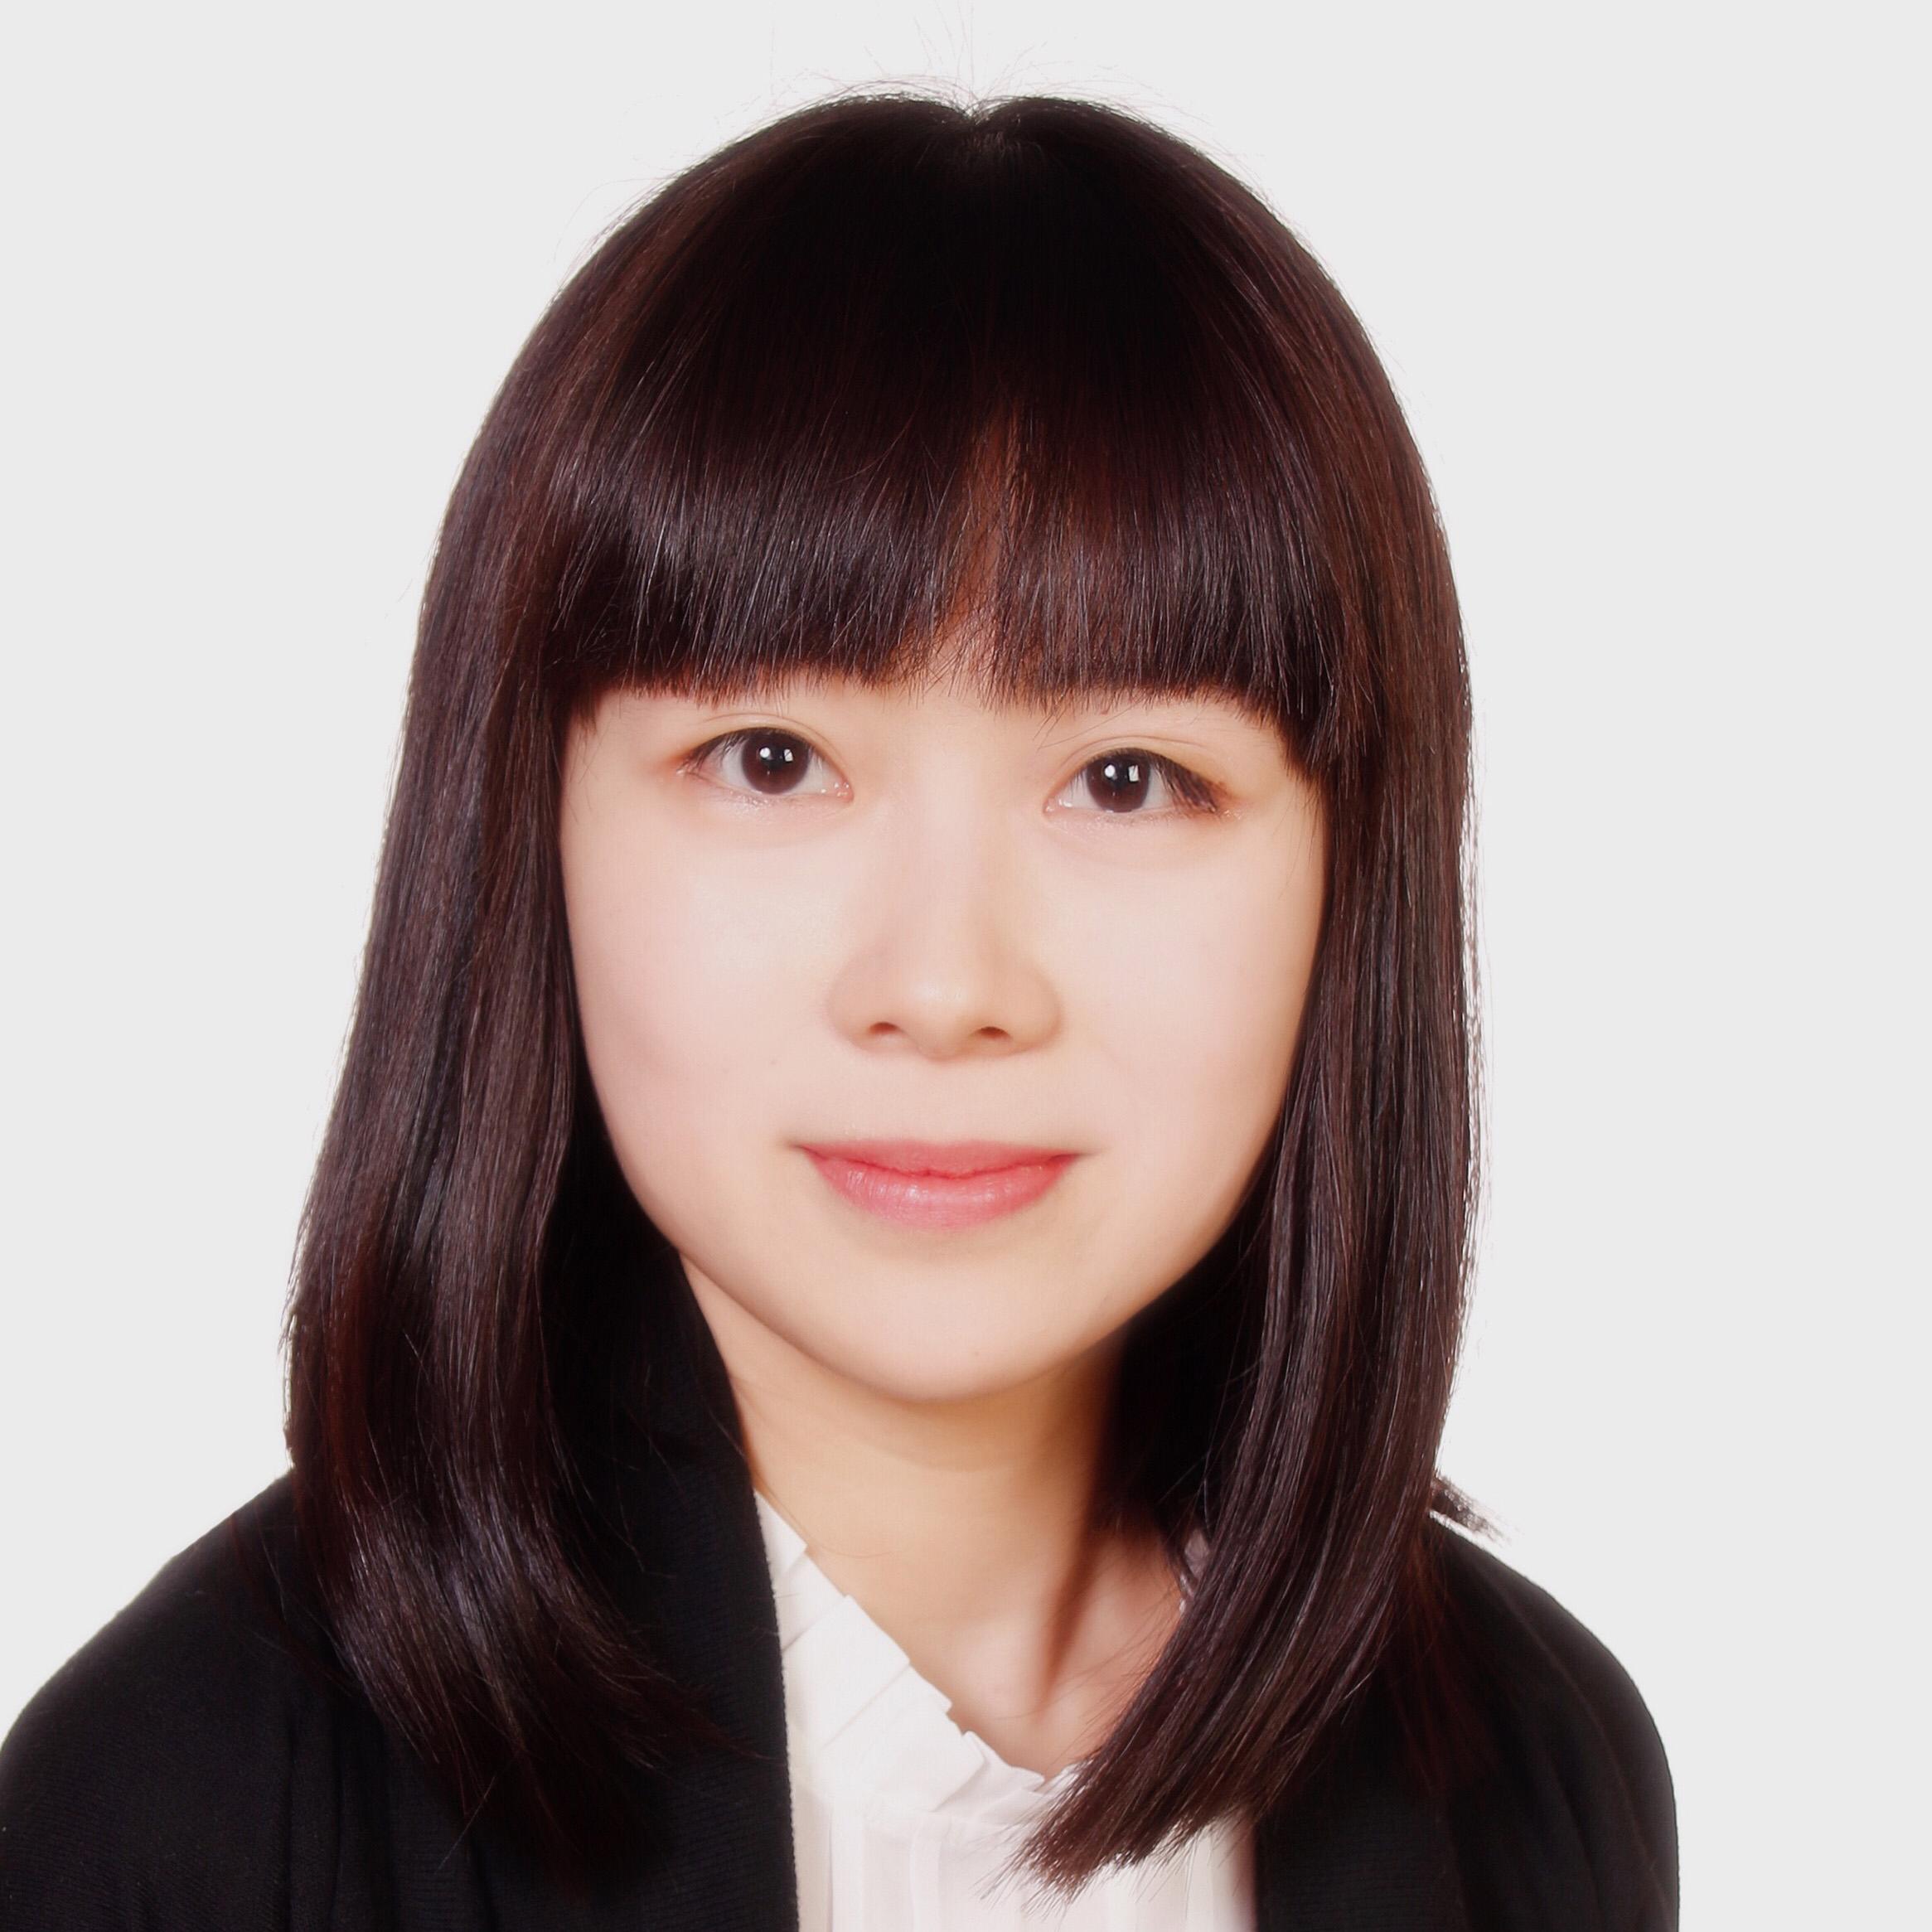 Teresa Hao